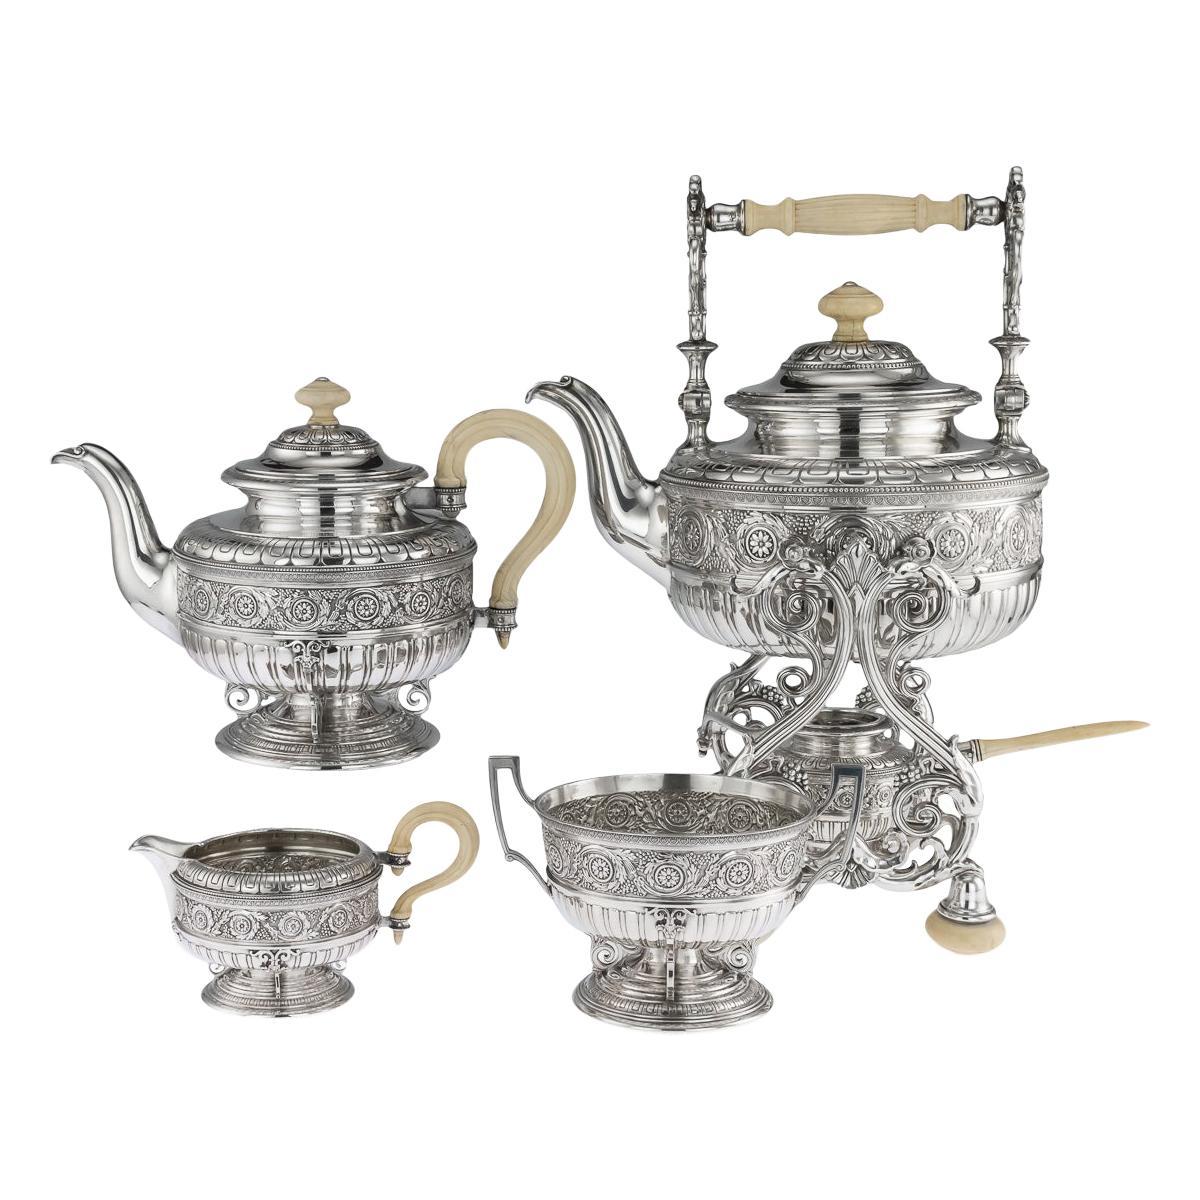 19th Century Austrian Empire Silver Tea Service by Klinkosch, circa 1880